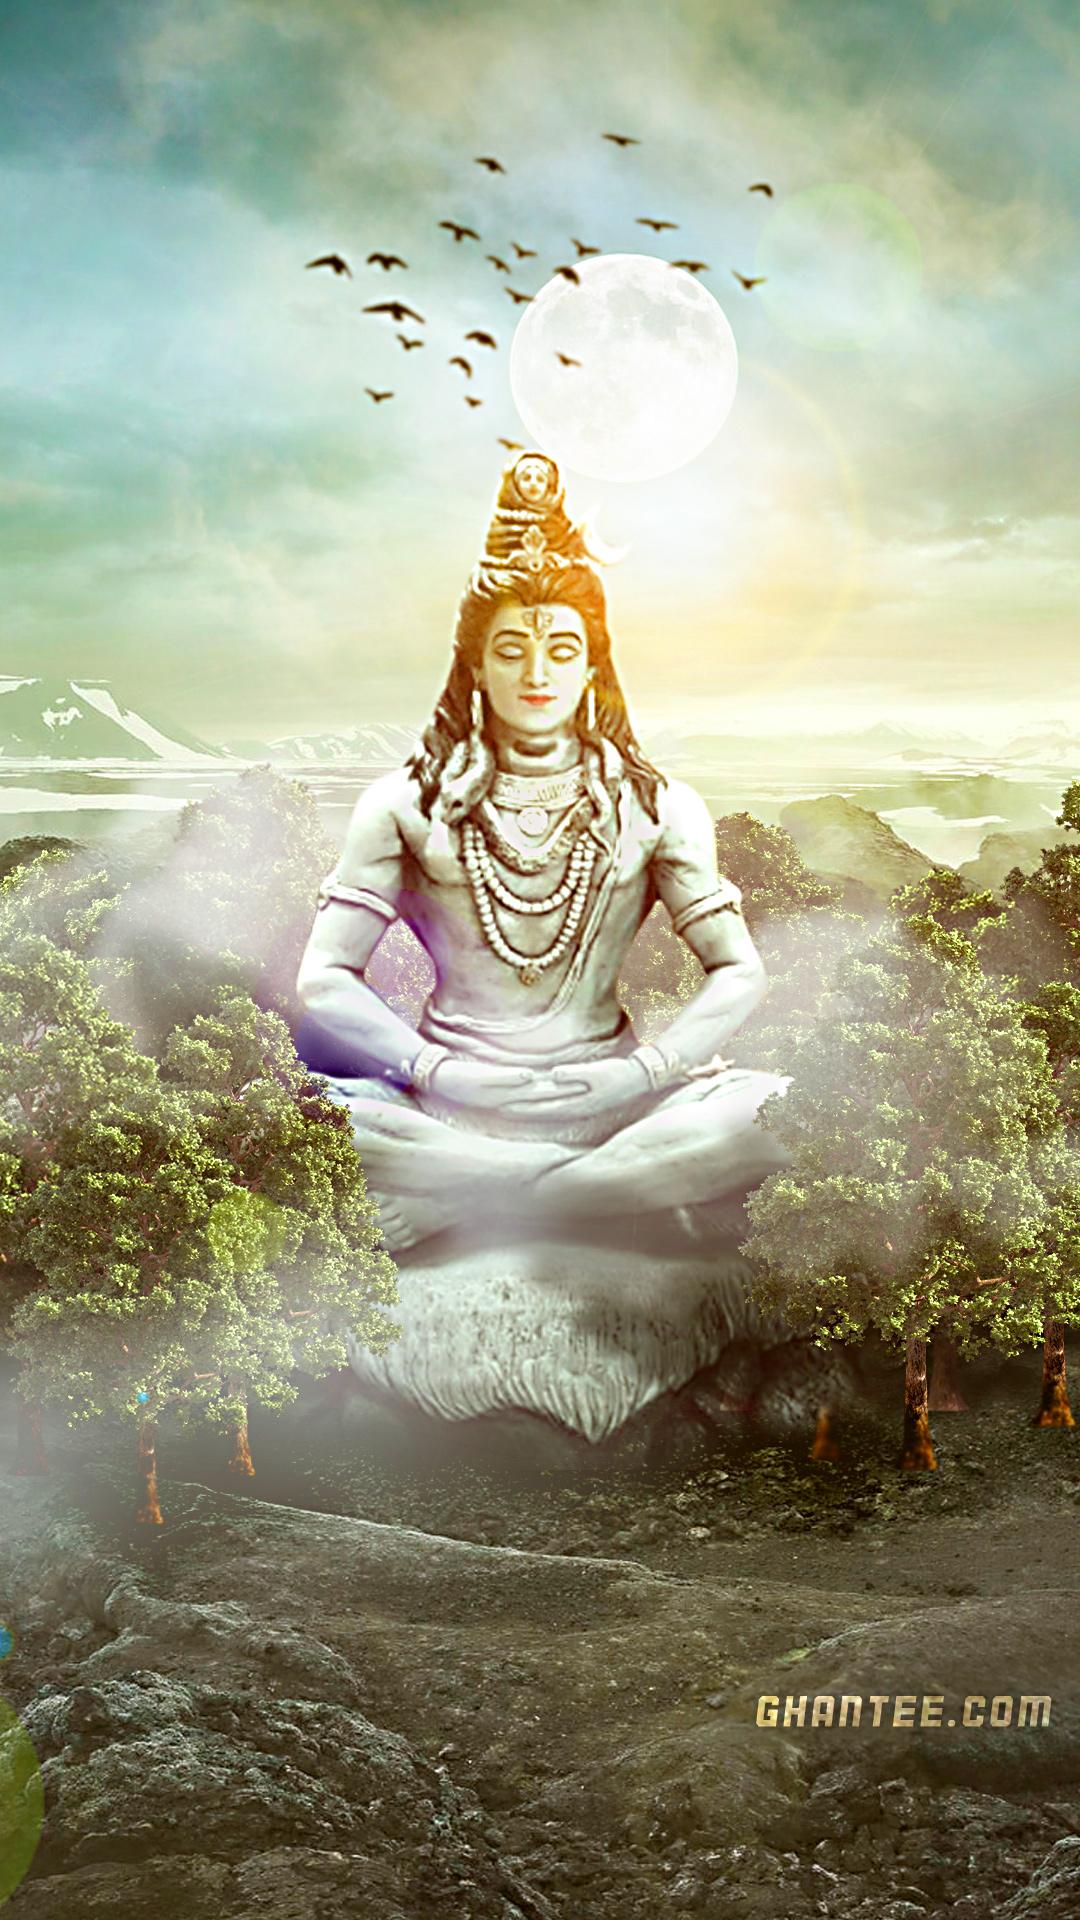 shiv ji huge statue beautiful mobile wallpaper